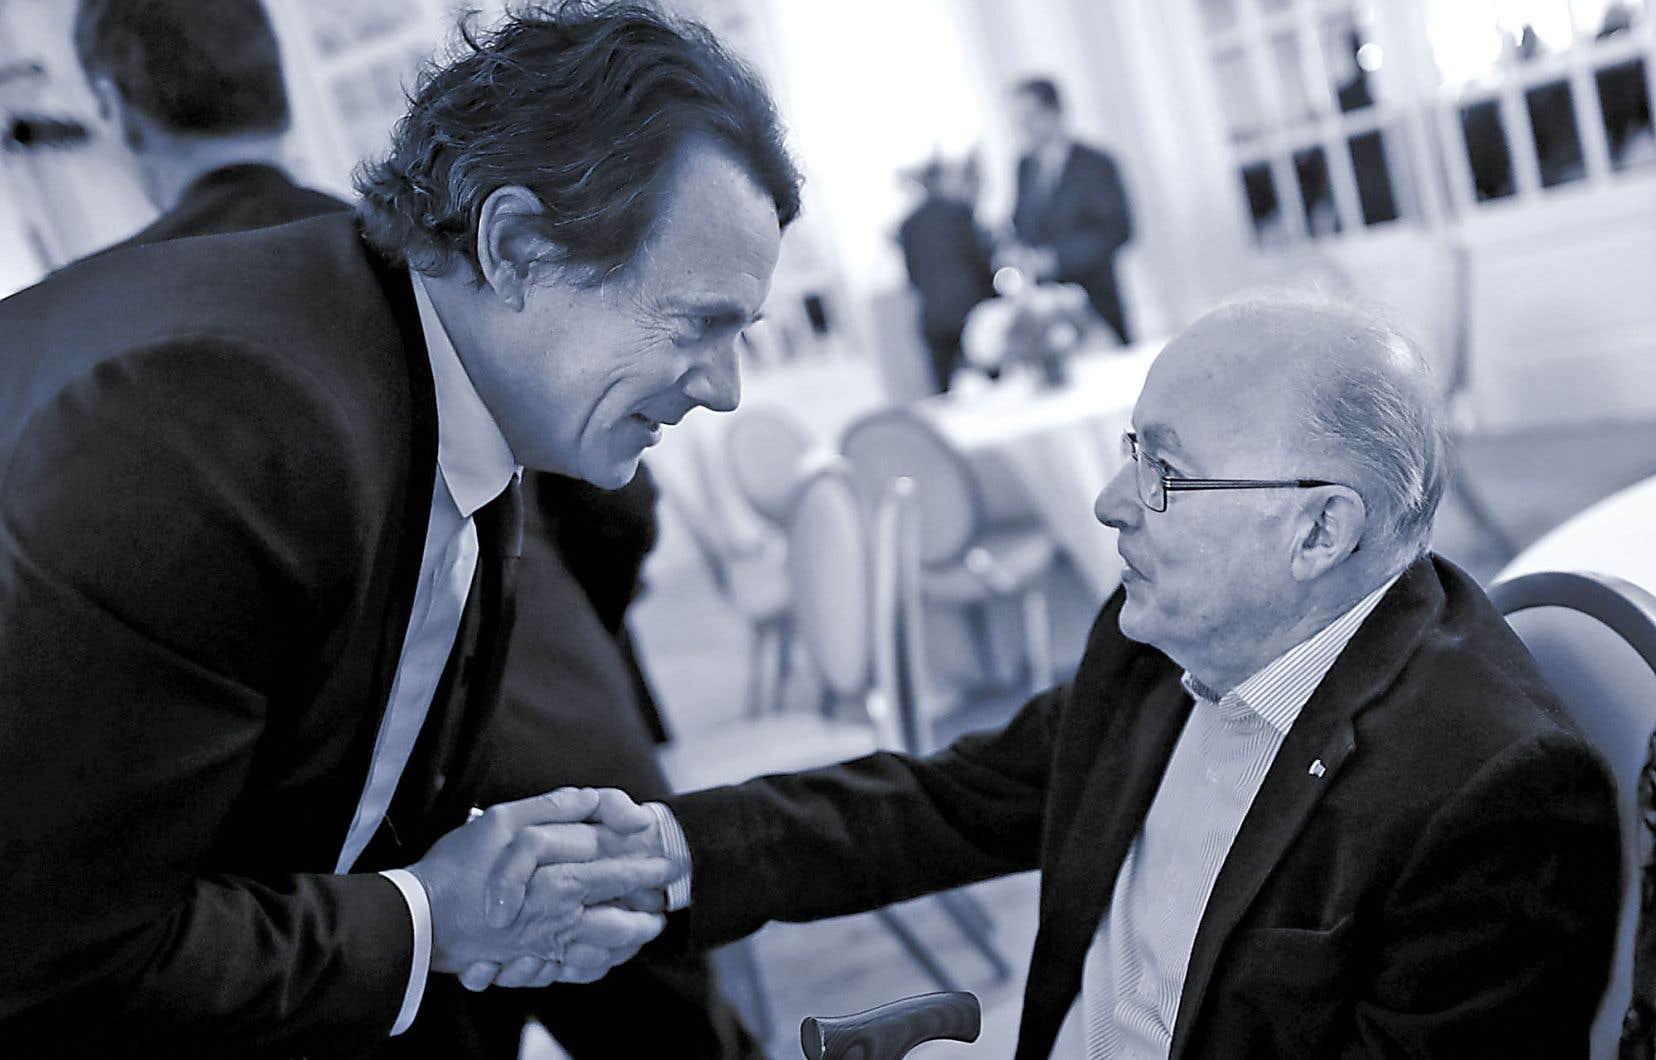 Pierre Karl Péladeau prend la main de Bernard Landry lors d'un événement soulignant le 80eanniversaire de l'ex-premier ministre, en 2017.